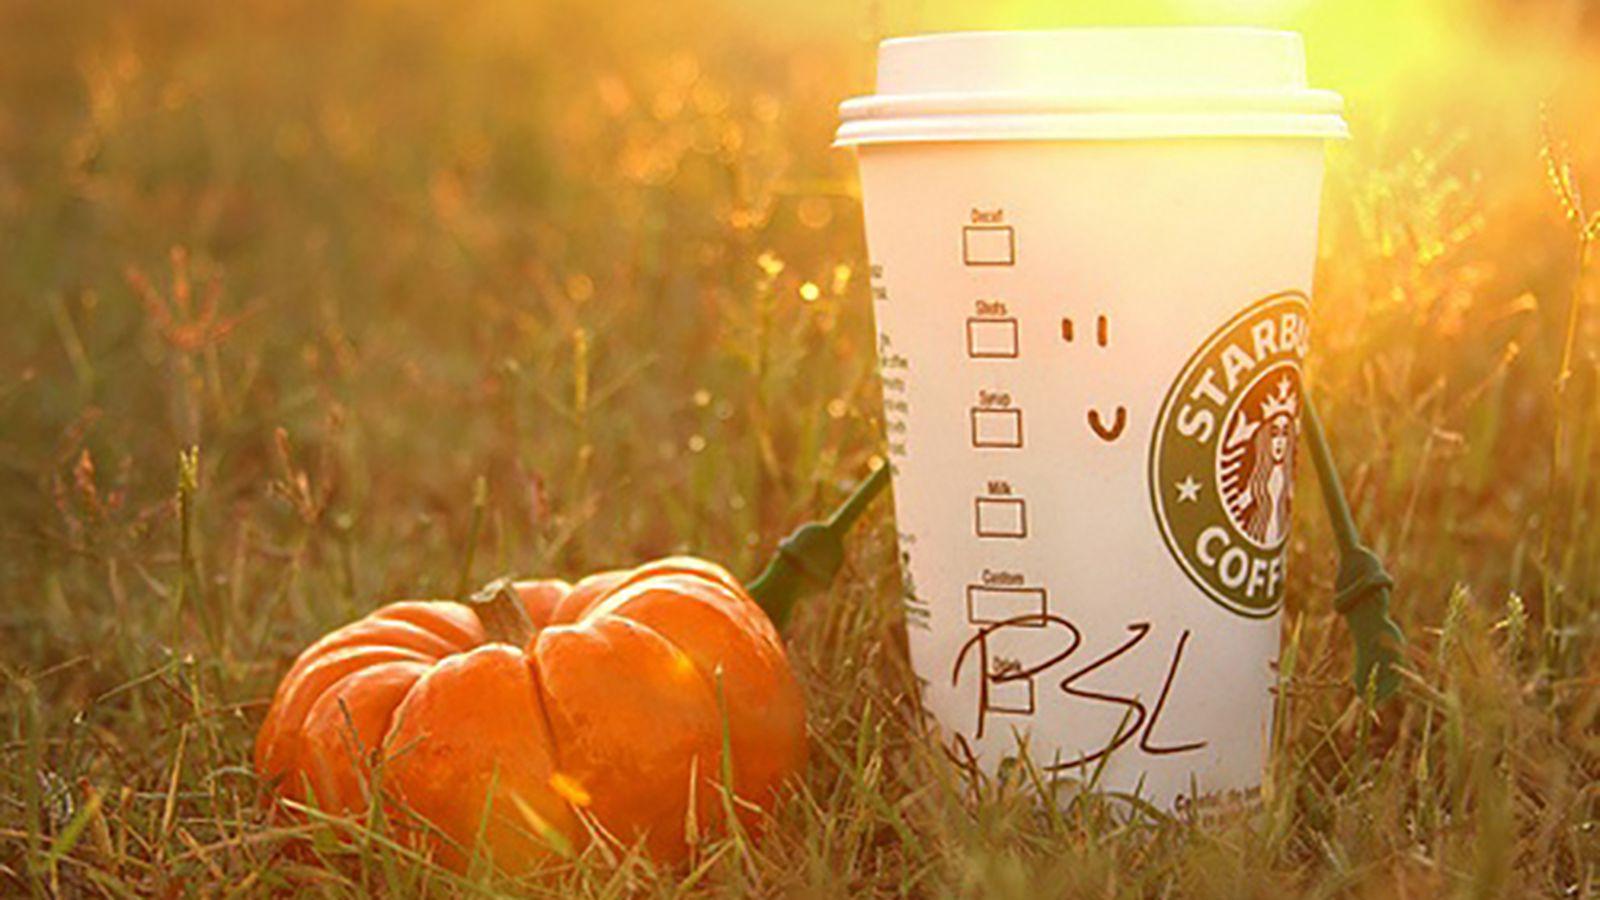 Psl Starbucks